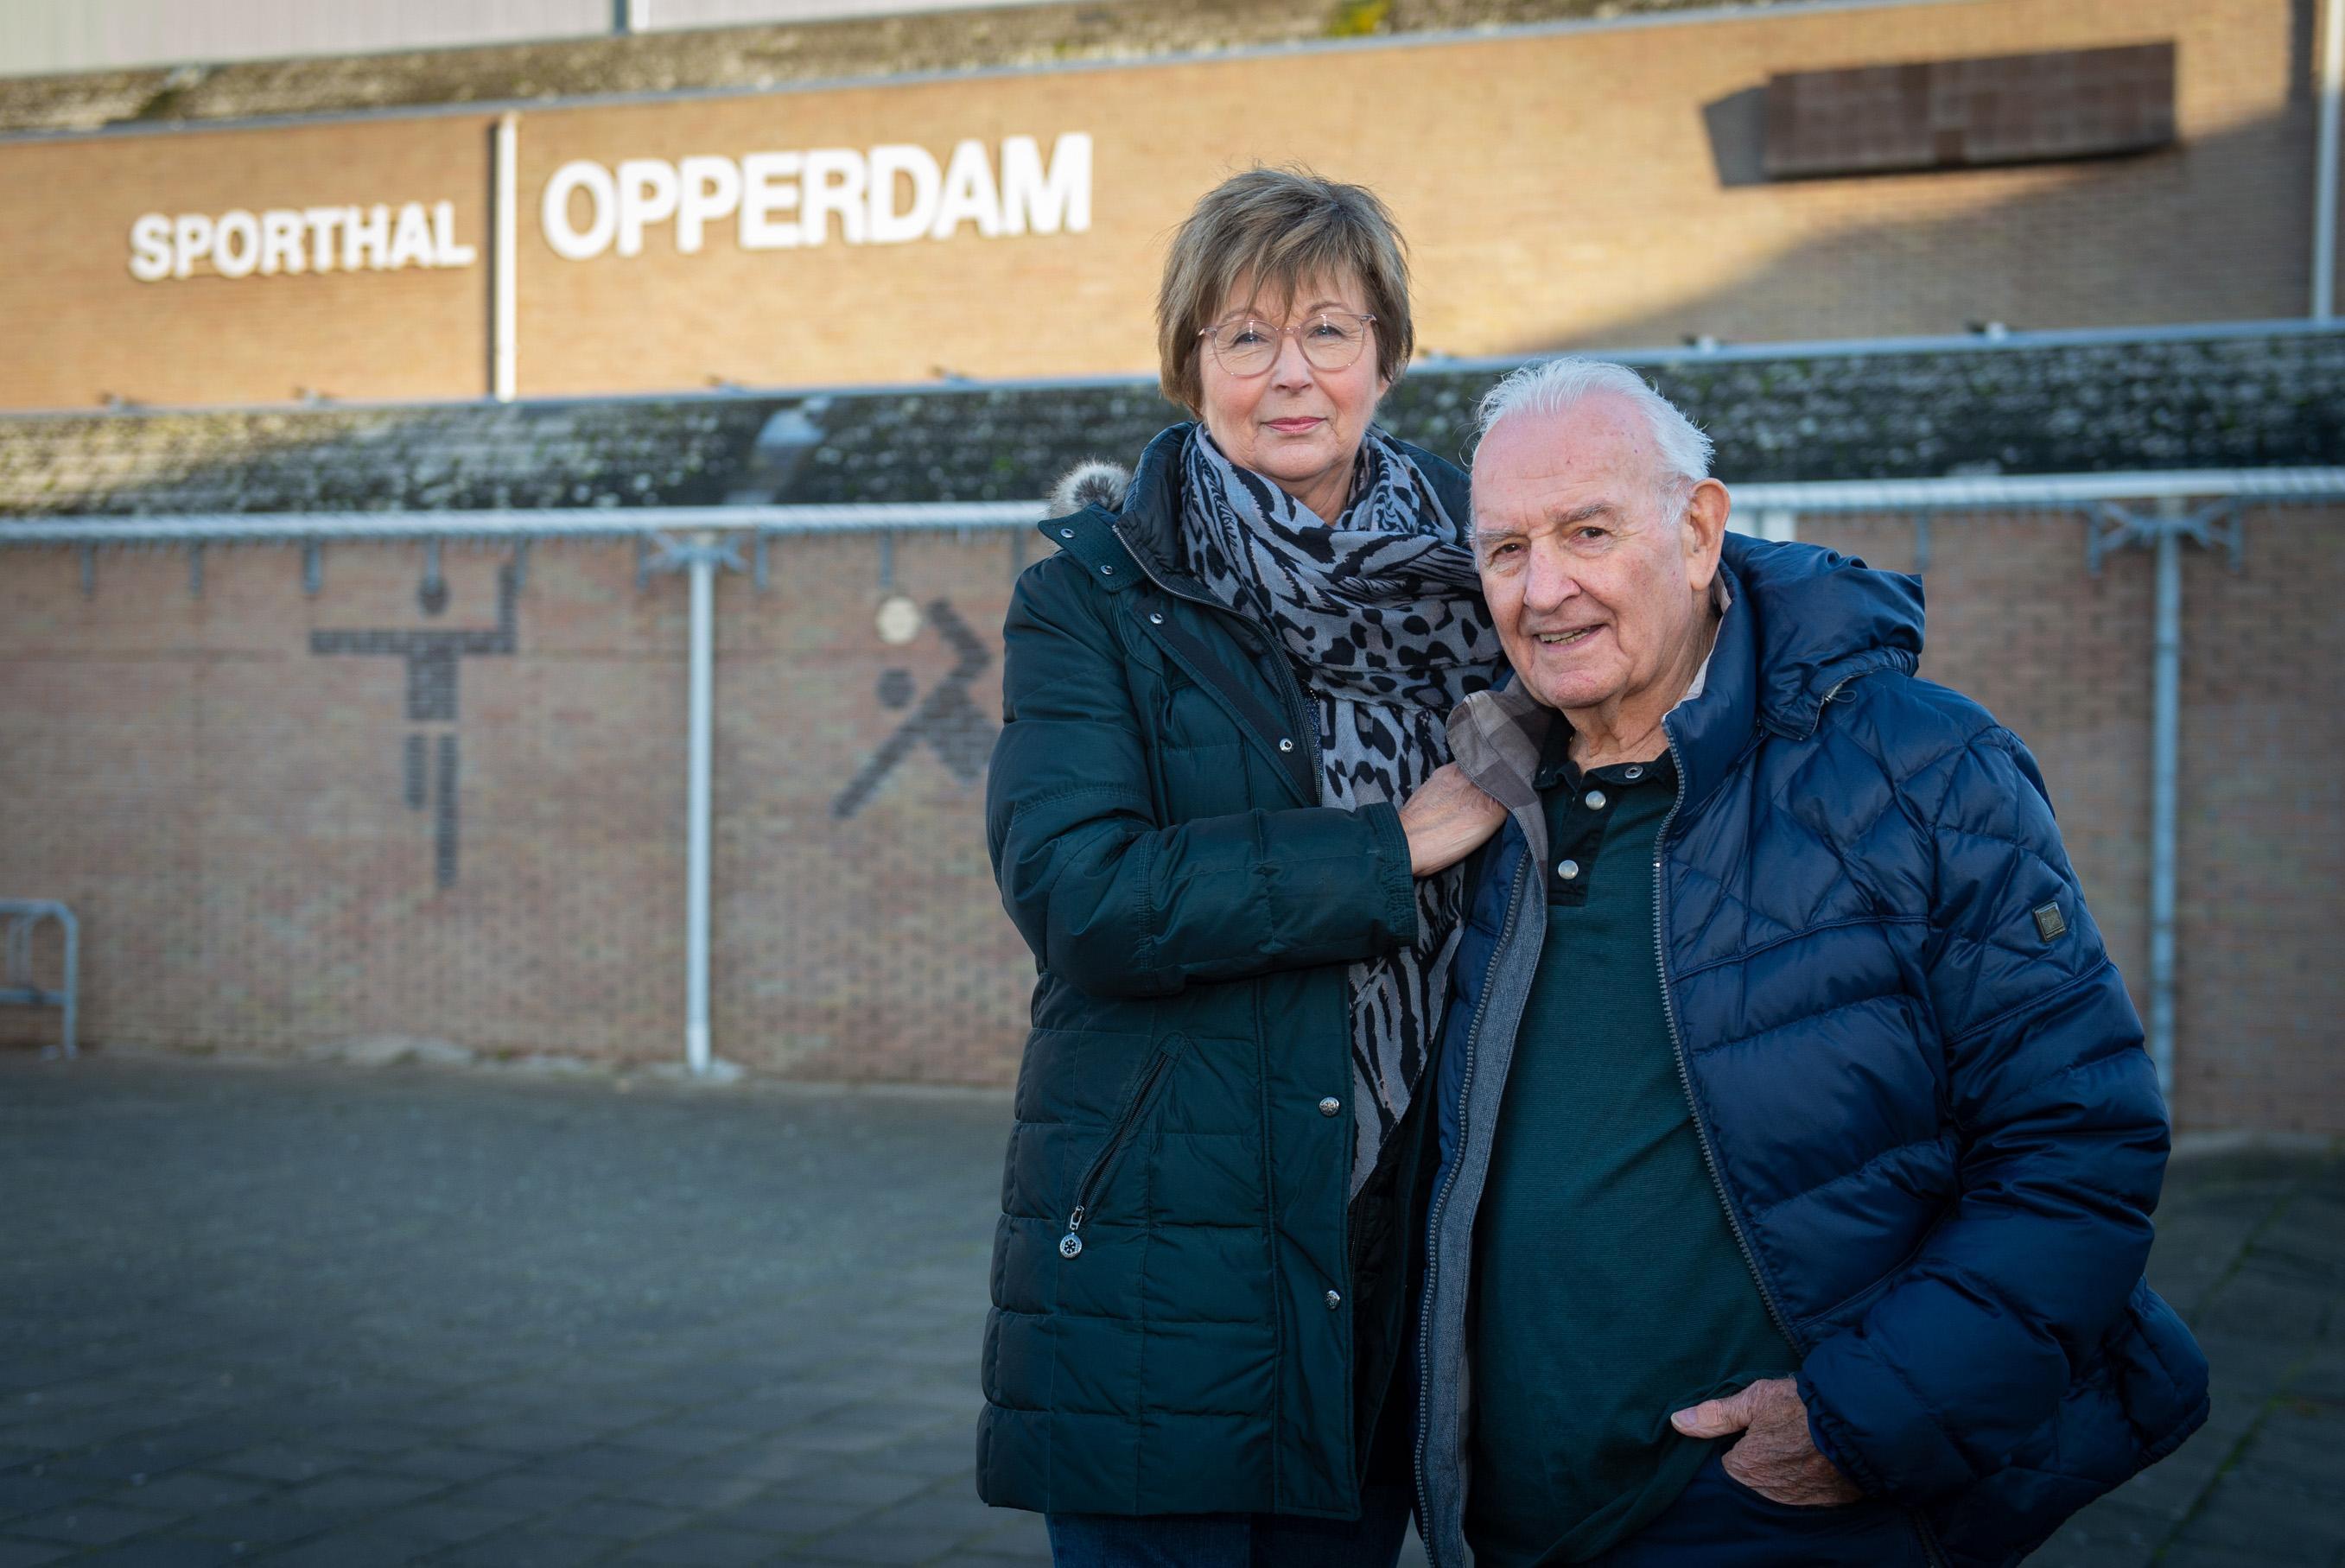 Jan en Lies Kwakman moeten het voorlopig doen zonder HV Volendam: 'Een zwart gat? Ja, zo kun je het wel noemen'